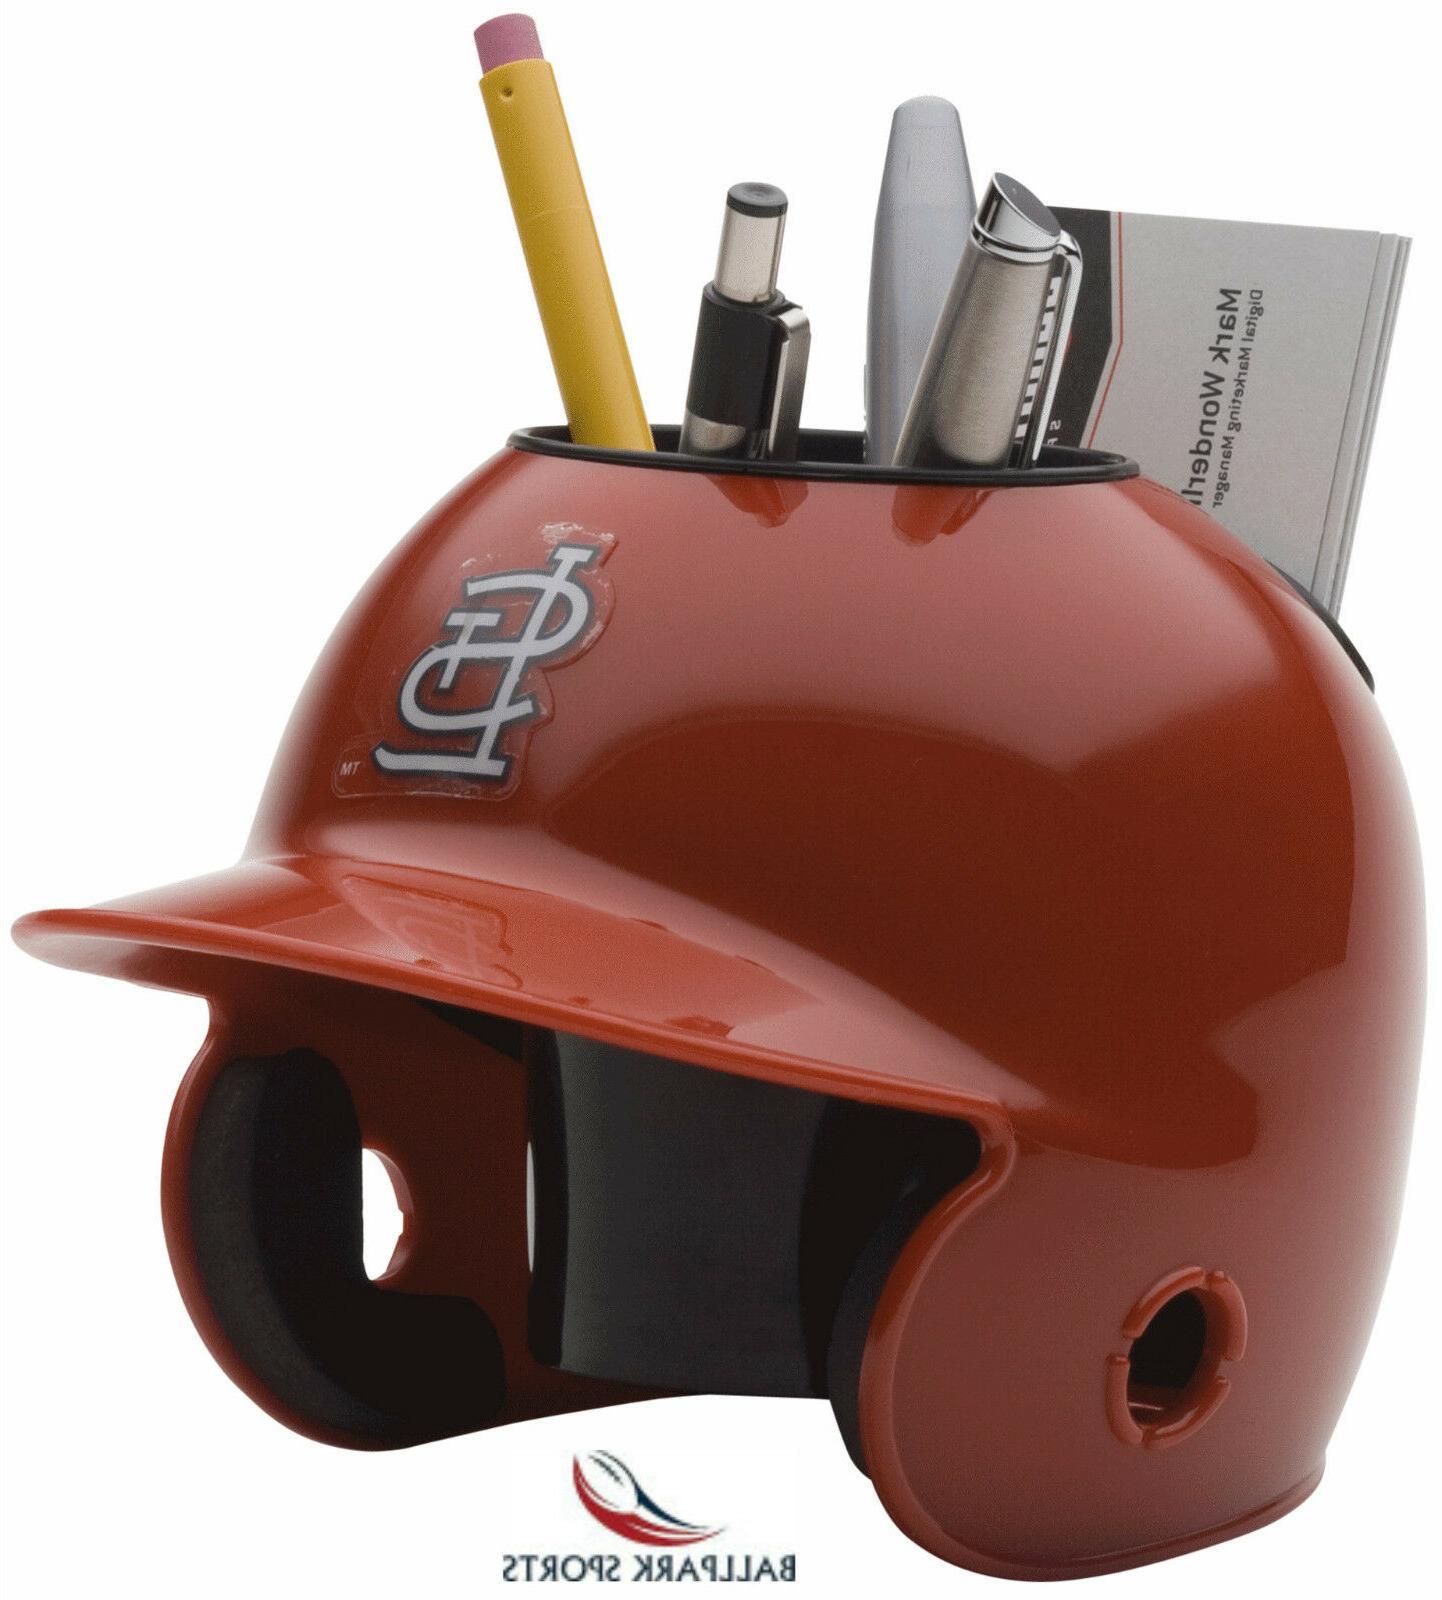 st louis cardinals mini batters helmet desk